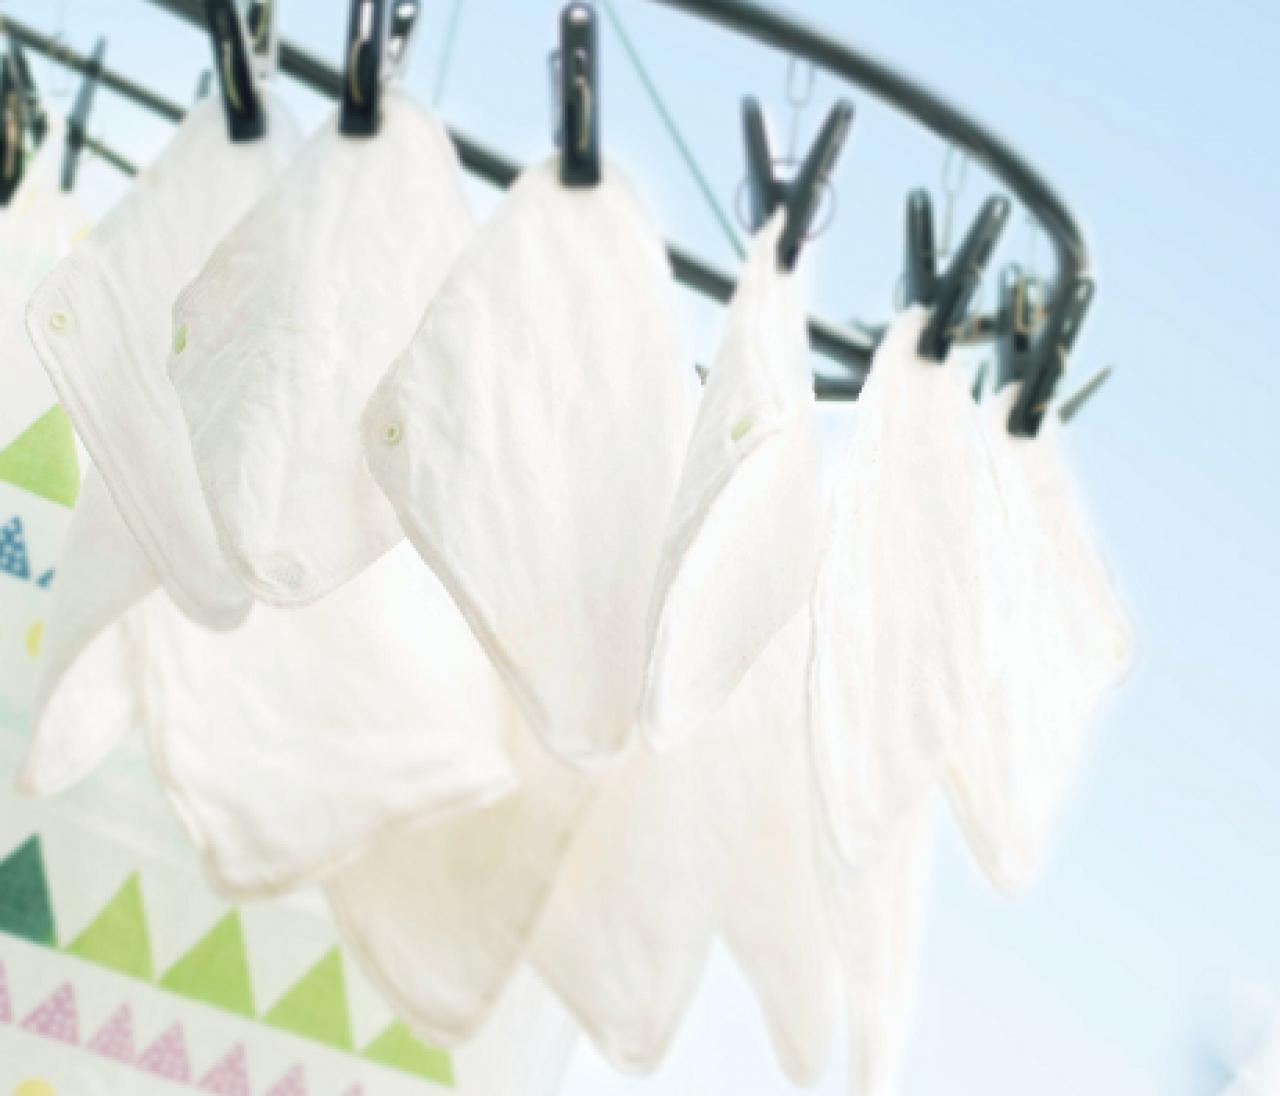 気になるトピック「布ナプキン」まとめ。洗うのは大変じゃないの? 持ち運びはどうするの?